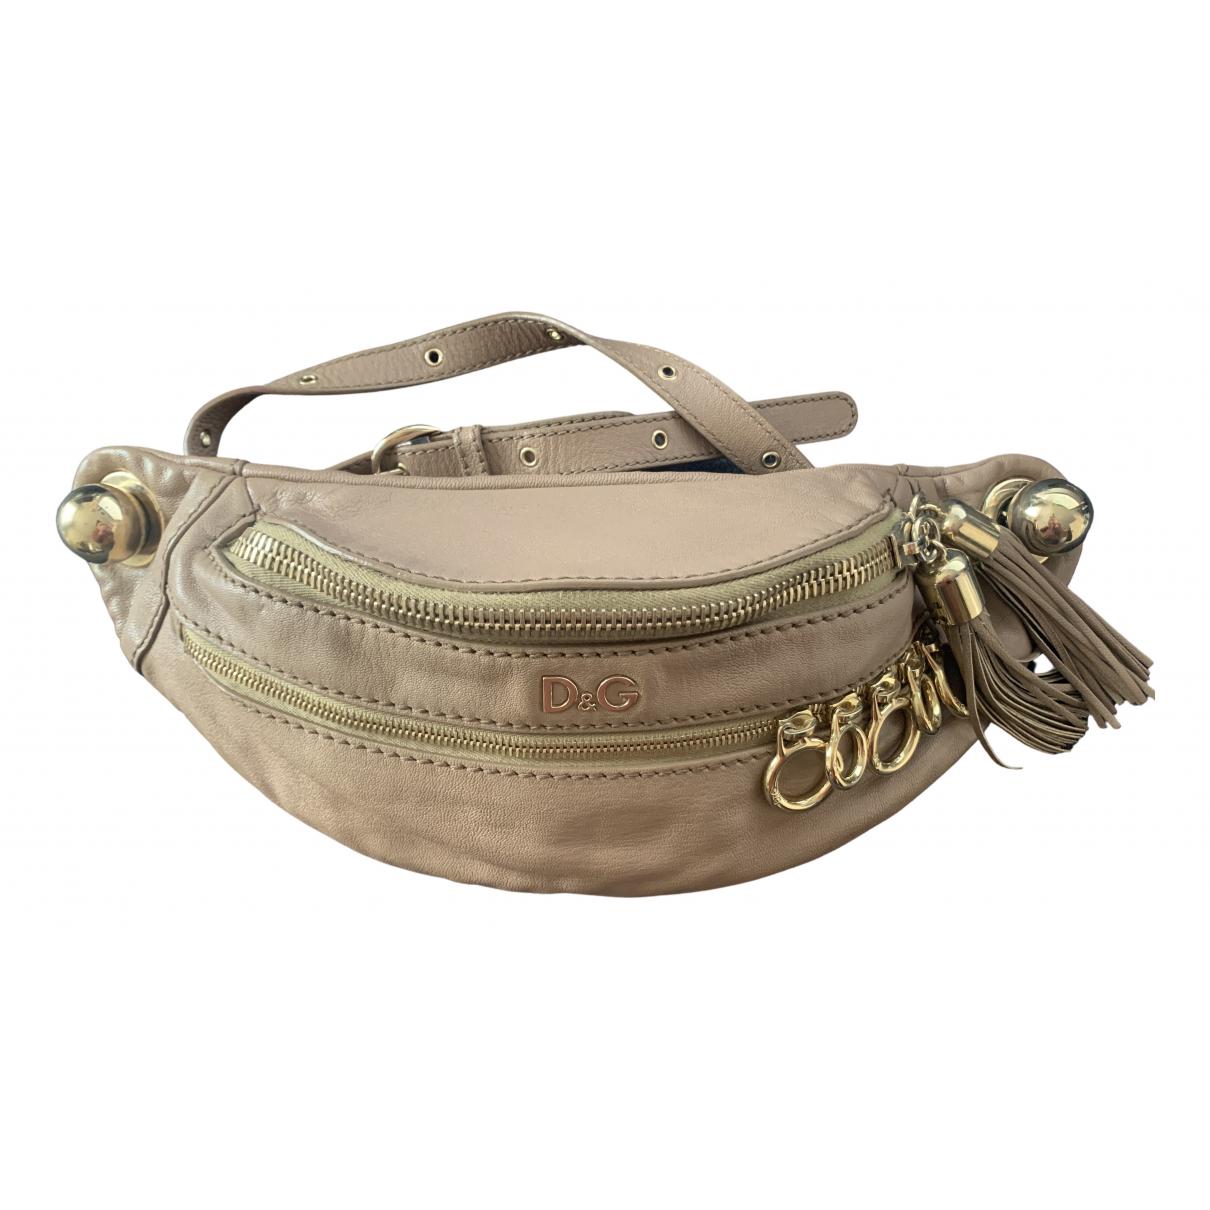 D&g N Beige Leather handbag for Women N